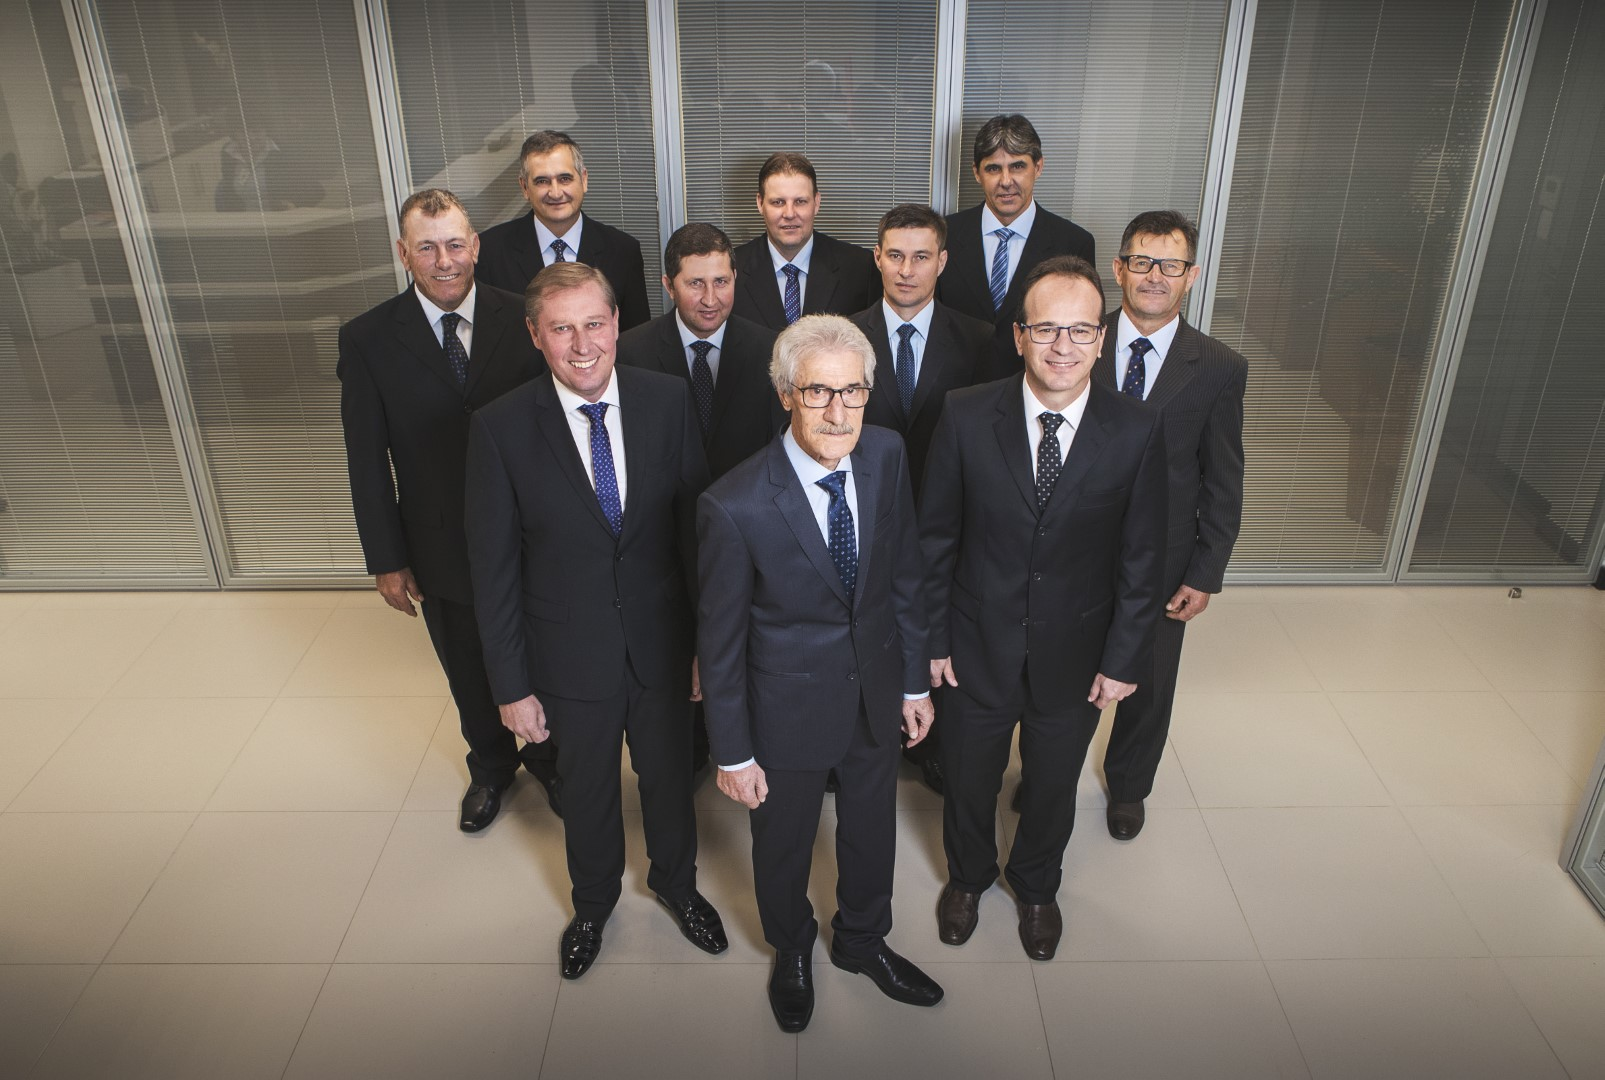 14° Conselho de Administração